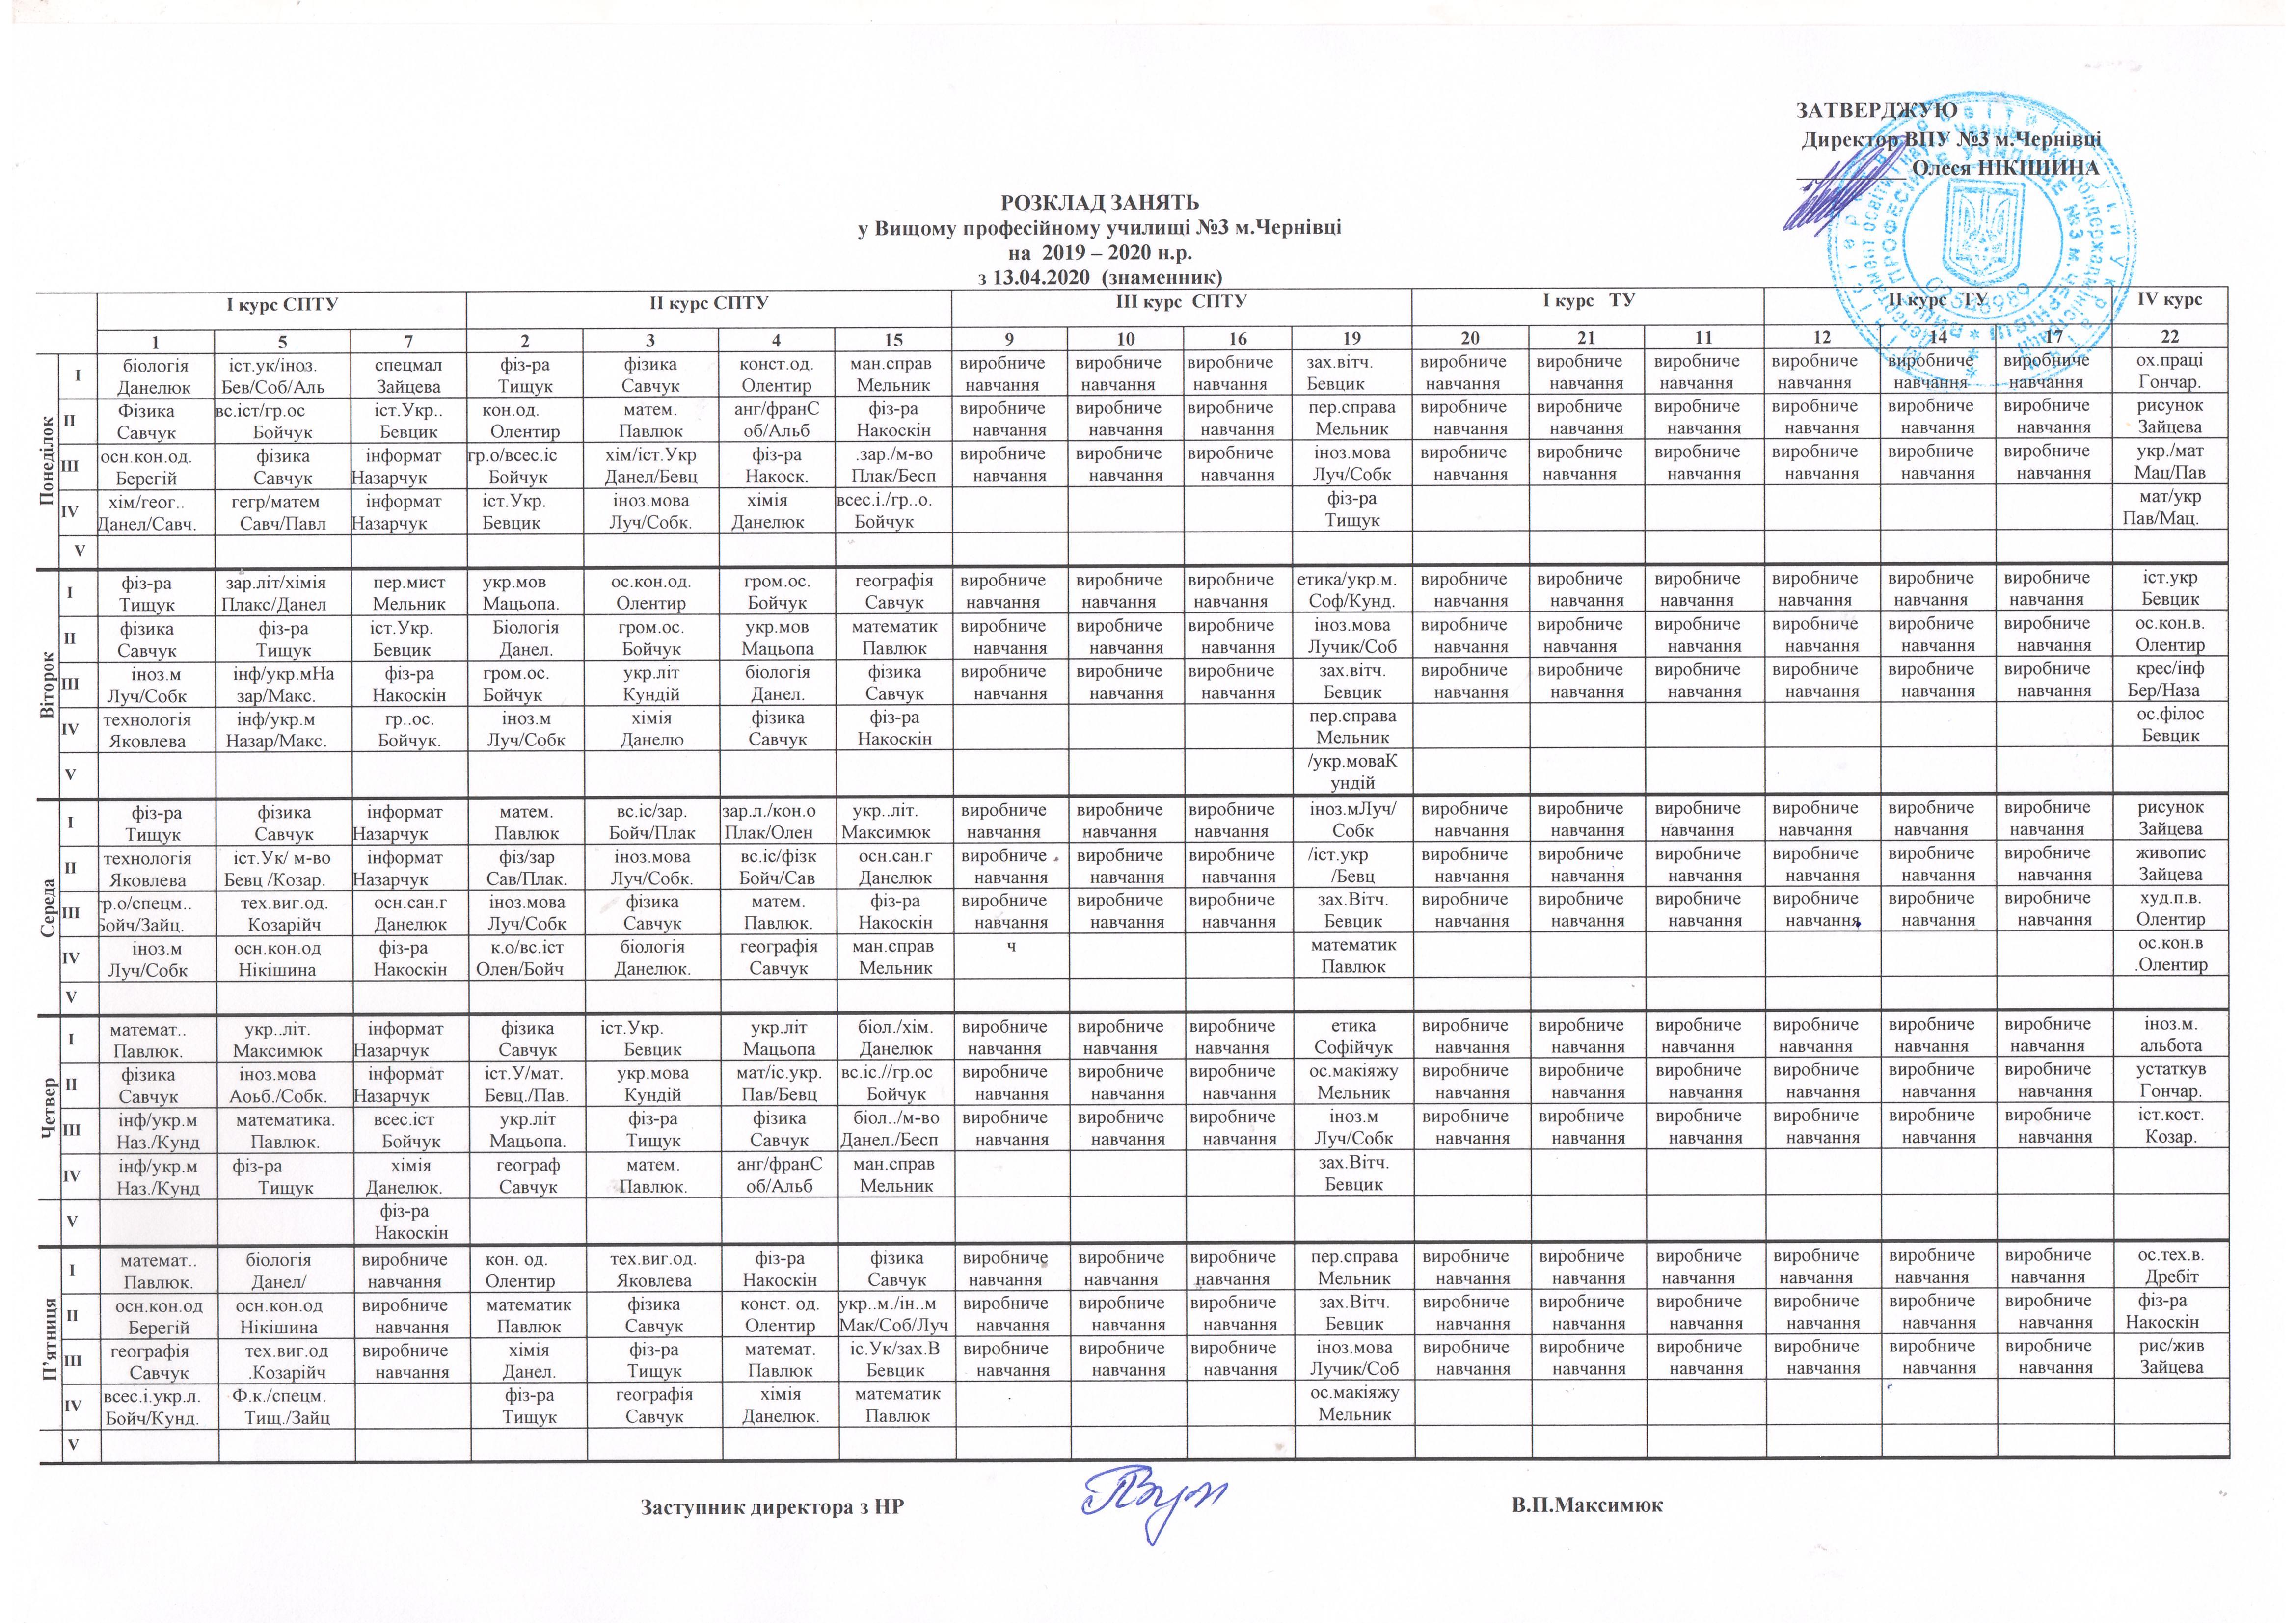 4rozklad-zanyat-z13-04-2020